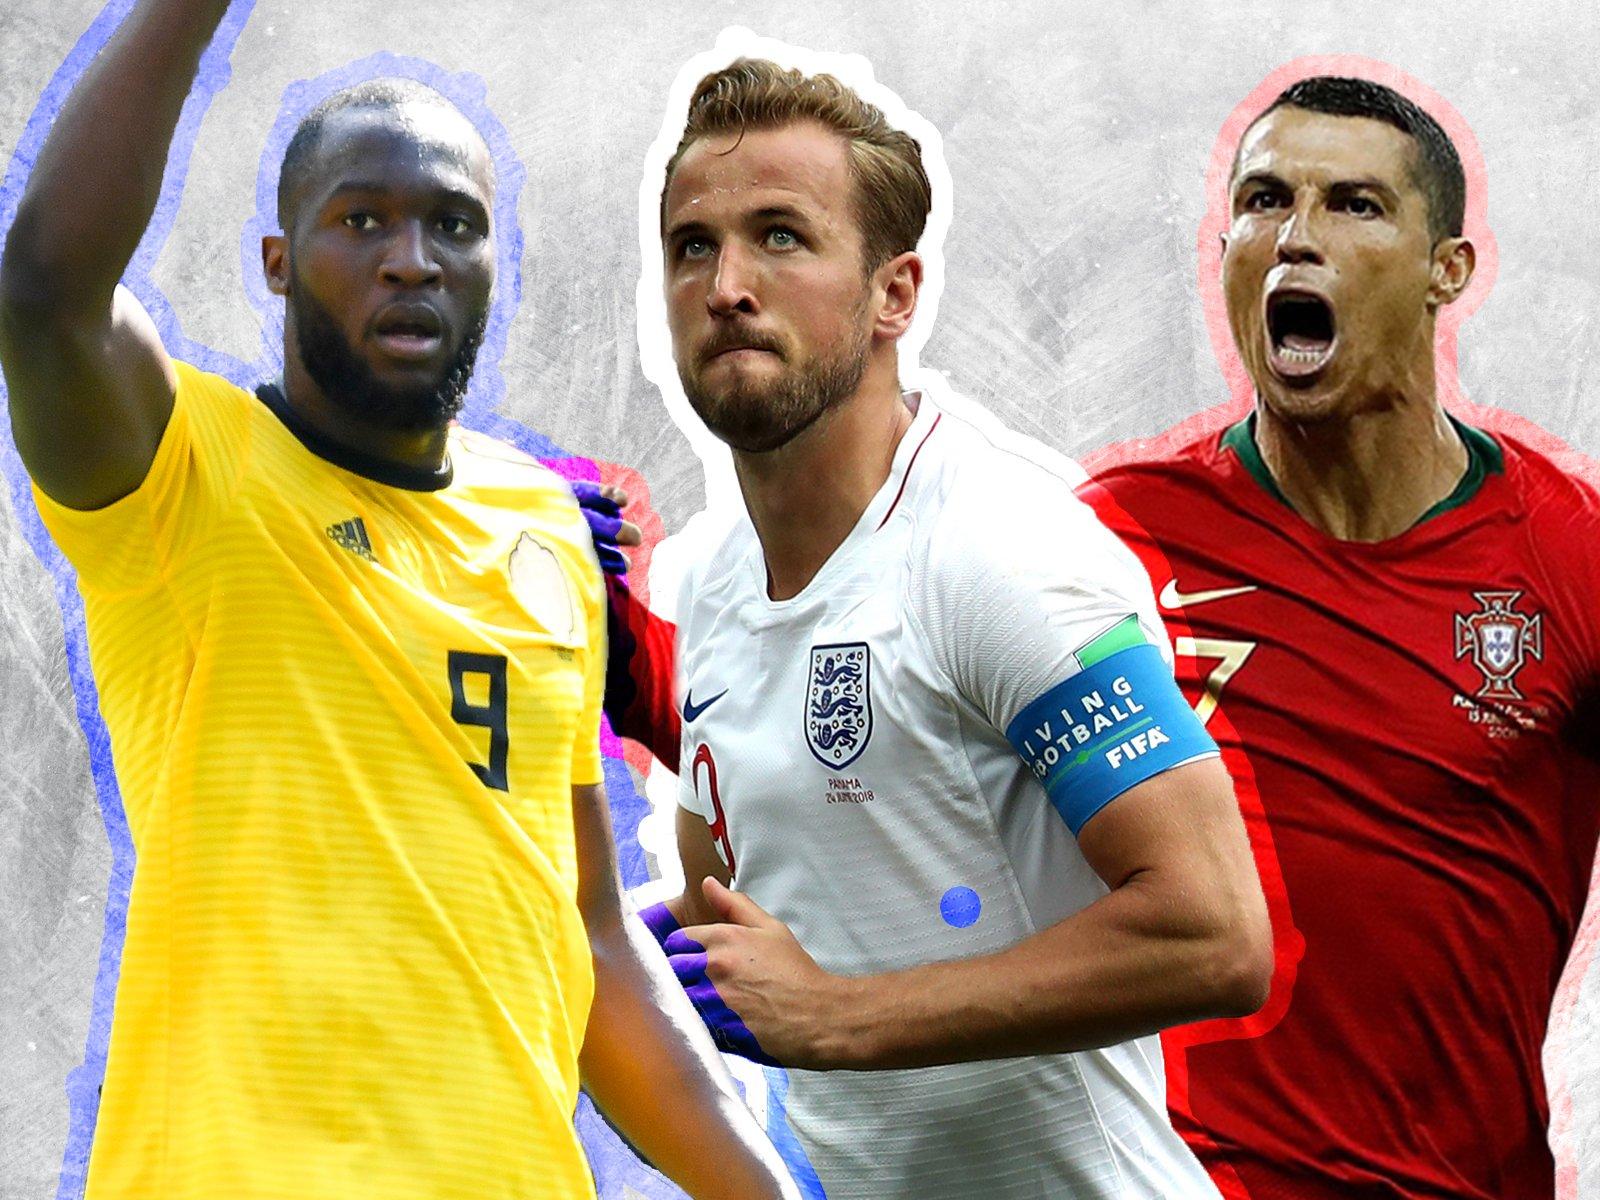 ĐHTB lượt trận thứ 2 vòng bảng World Cup 2018: Kane, Lukaku lche mờ Ronaldo  - Bóng Đá